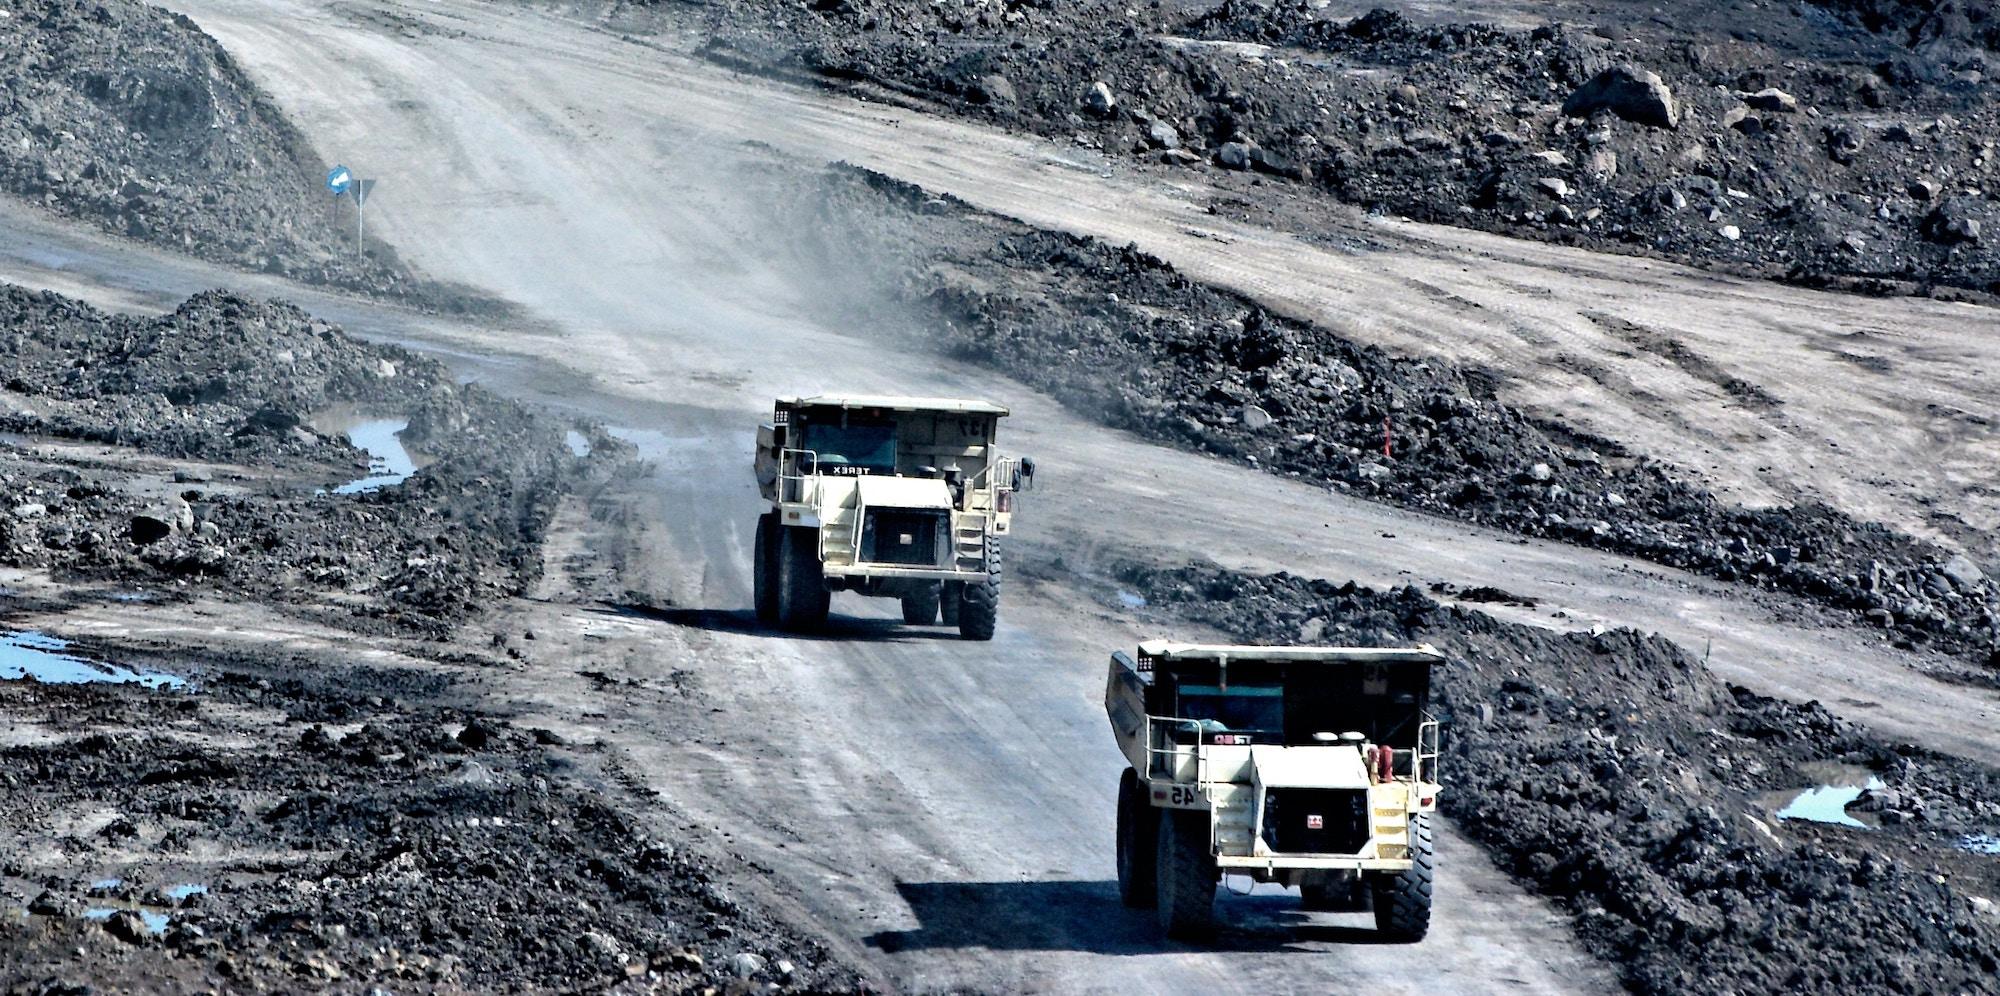 Irlandija peršoju u sviti perestane vkladaty u vykopne palyvo